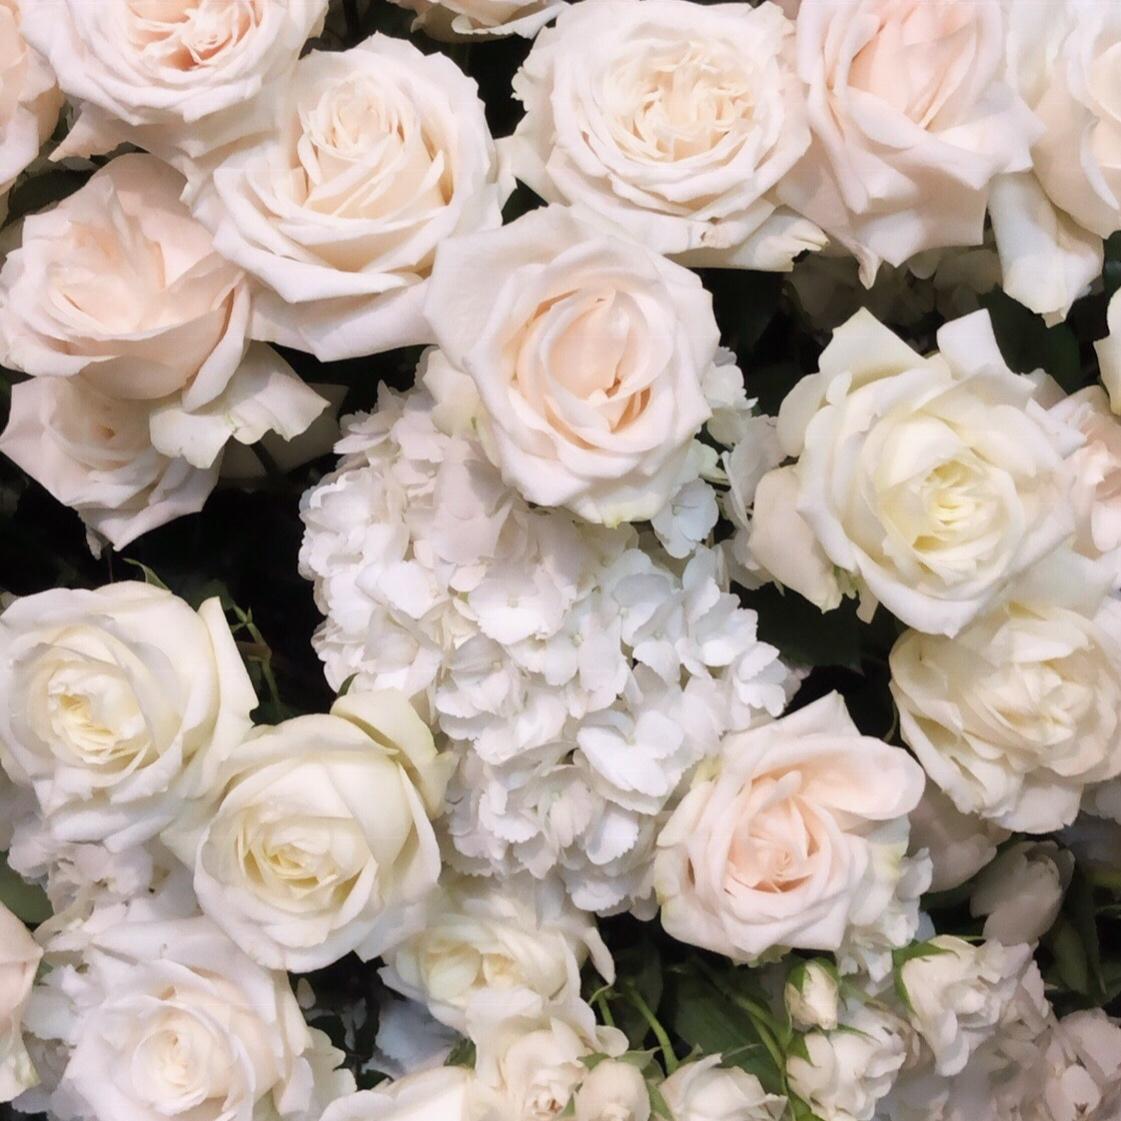 Flowers+.jpg